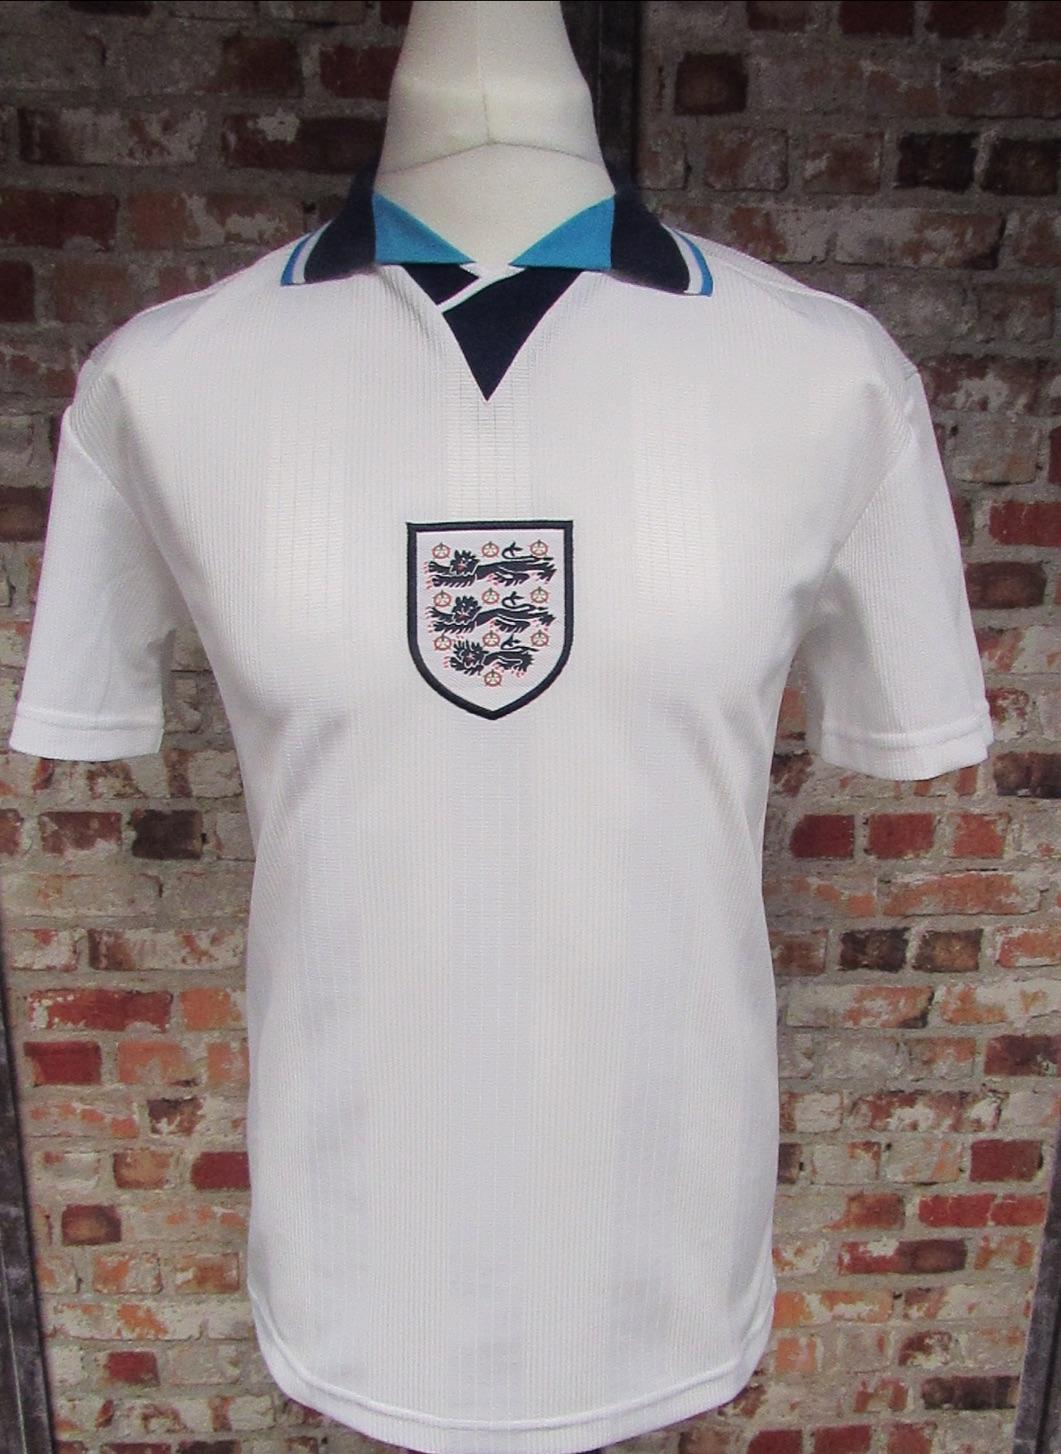 England Euro 96 Retro Home Football Shirt Size Small 36/38''